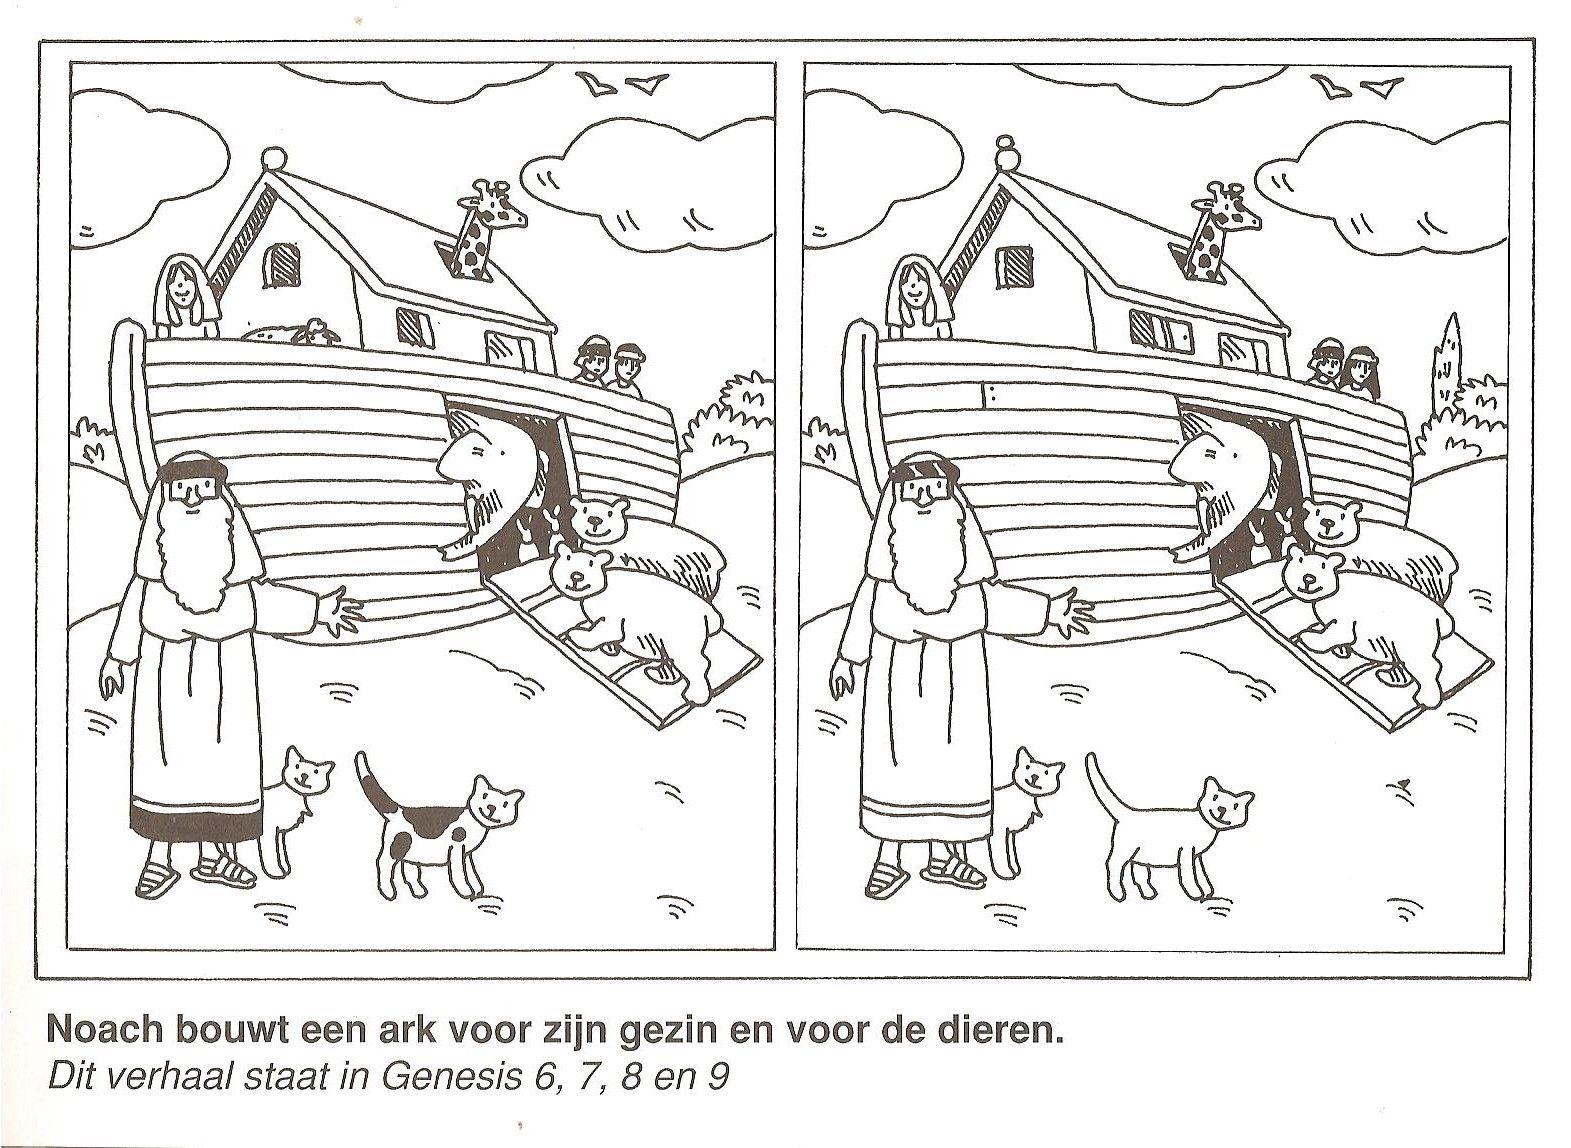 noach bouwt een ark voor zijn gezin en voor de dieren zoek de 10